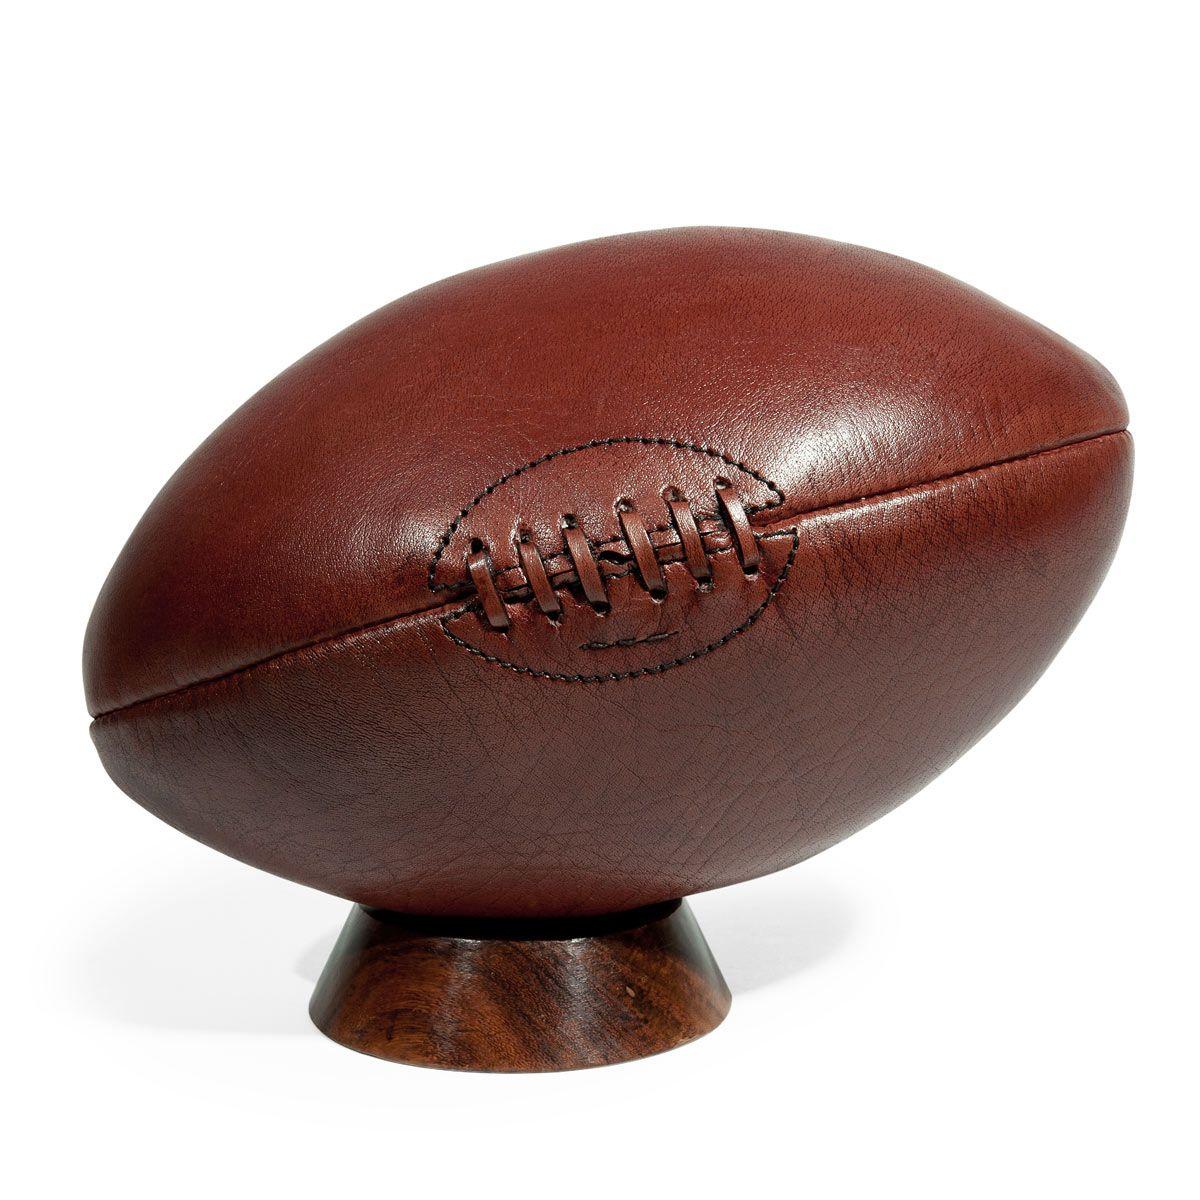 Ballon de rugby vintage r f 130246 dimensions cm h 31 x l 18 poids 1 k - Ballon rugby vintage ...